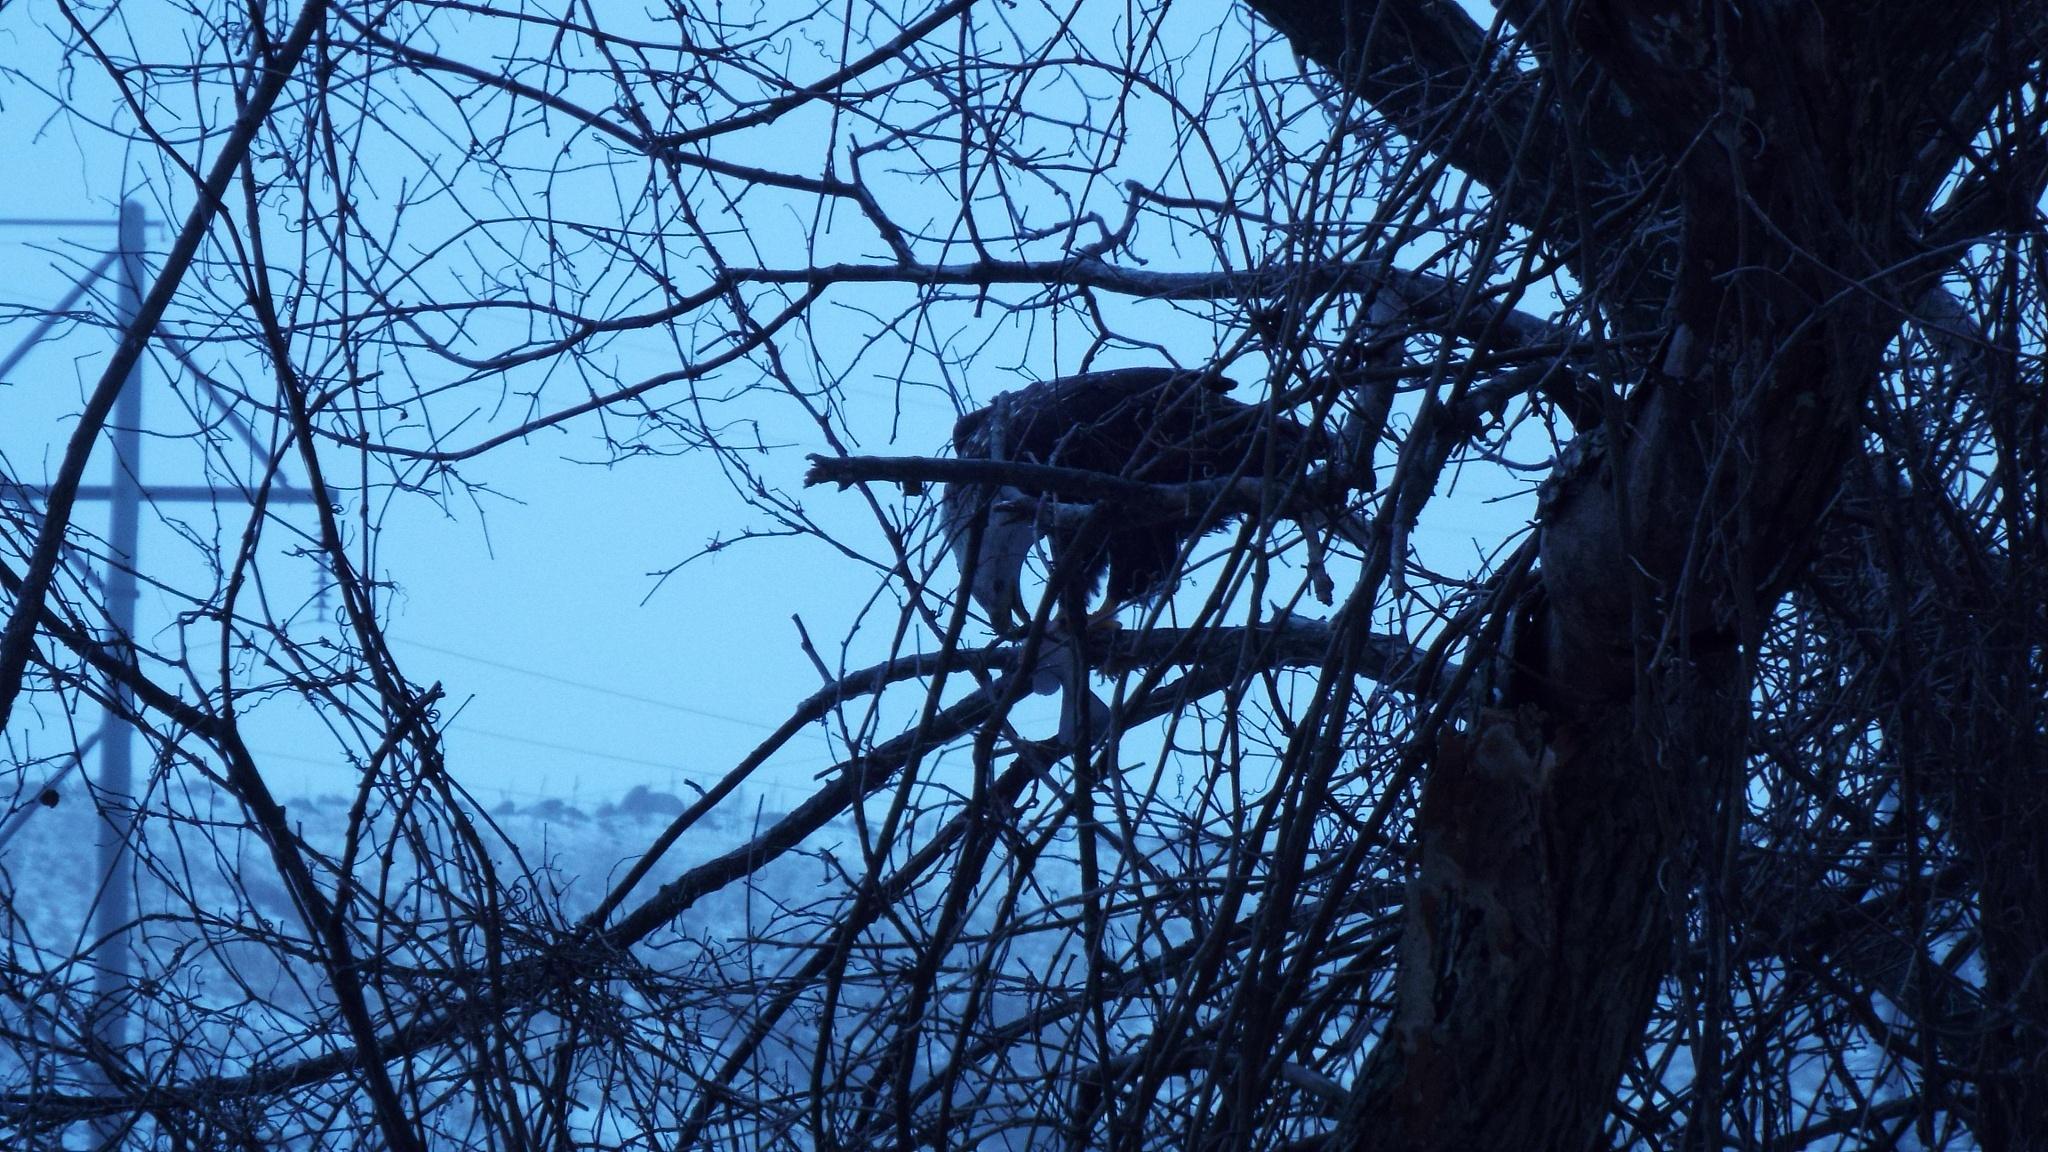 Eagle by Craig Tracy